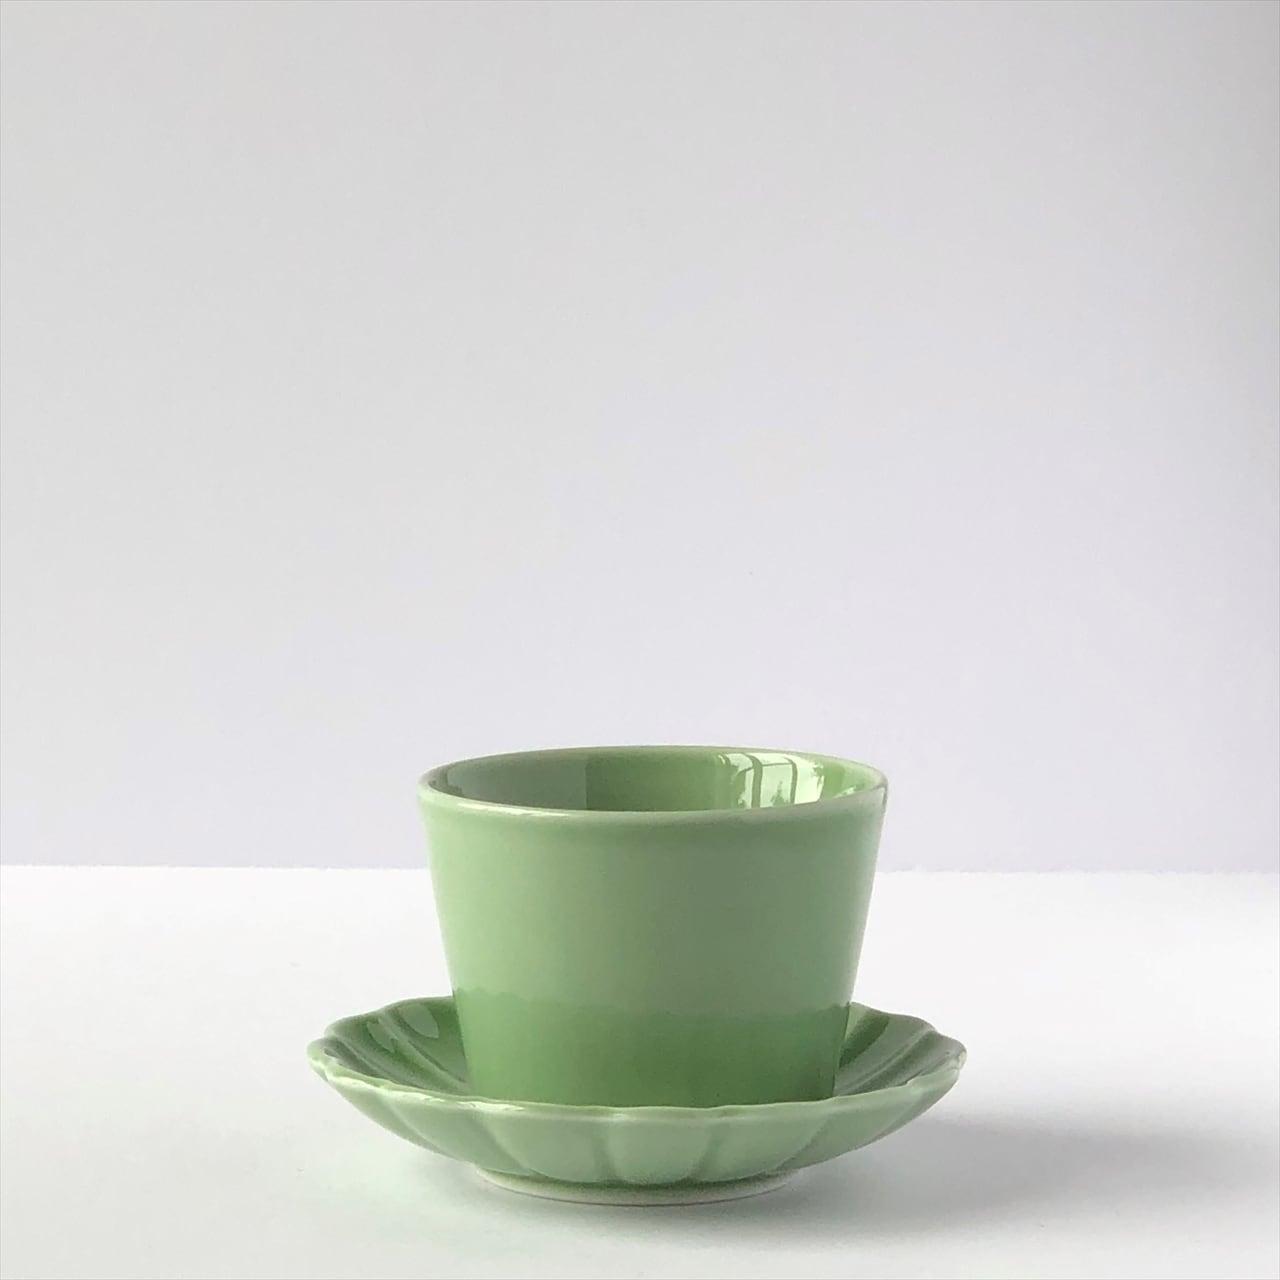 有田焼【for you】おそろいカップ&ソーサー ピスタチオ 製造:江口製陶所